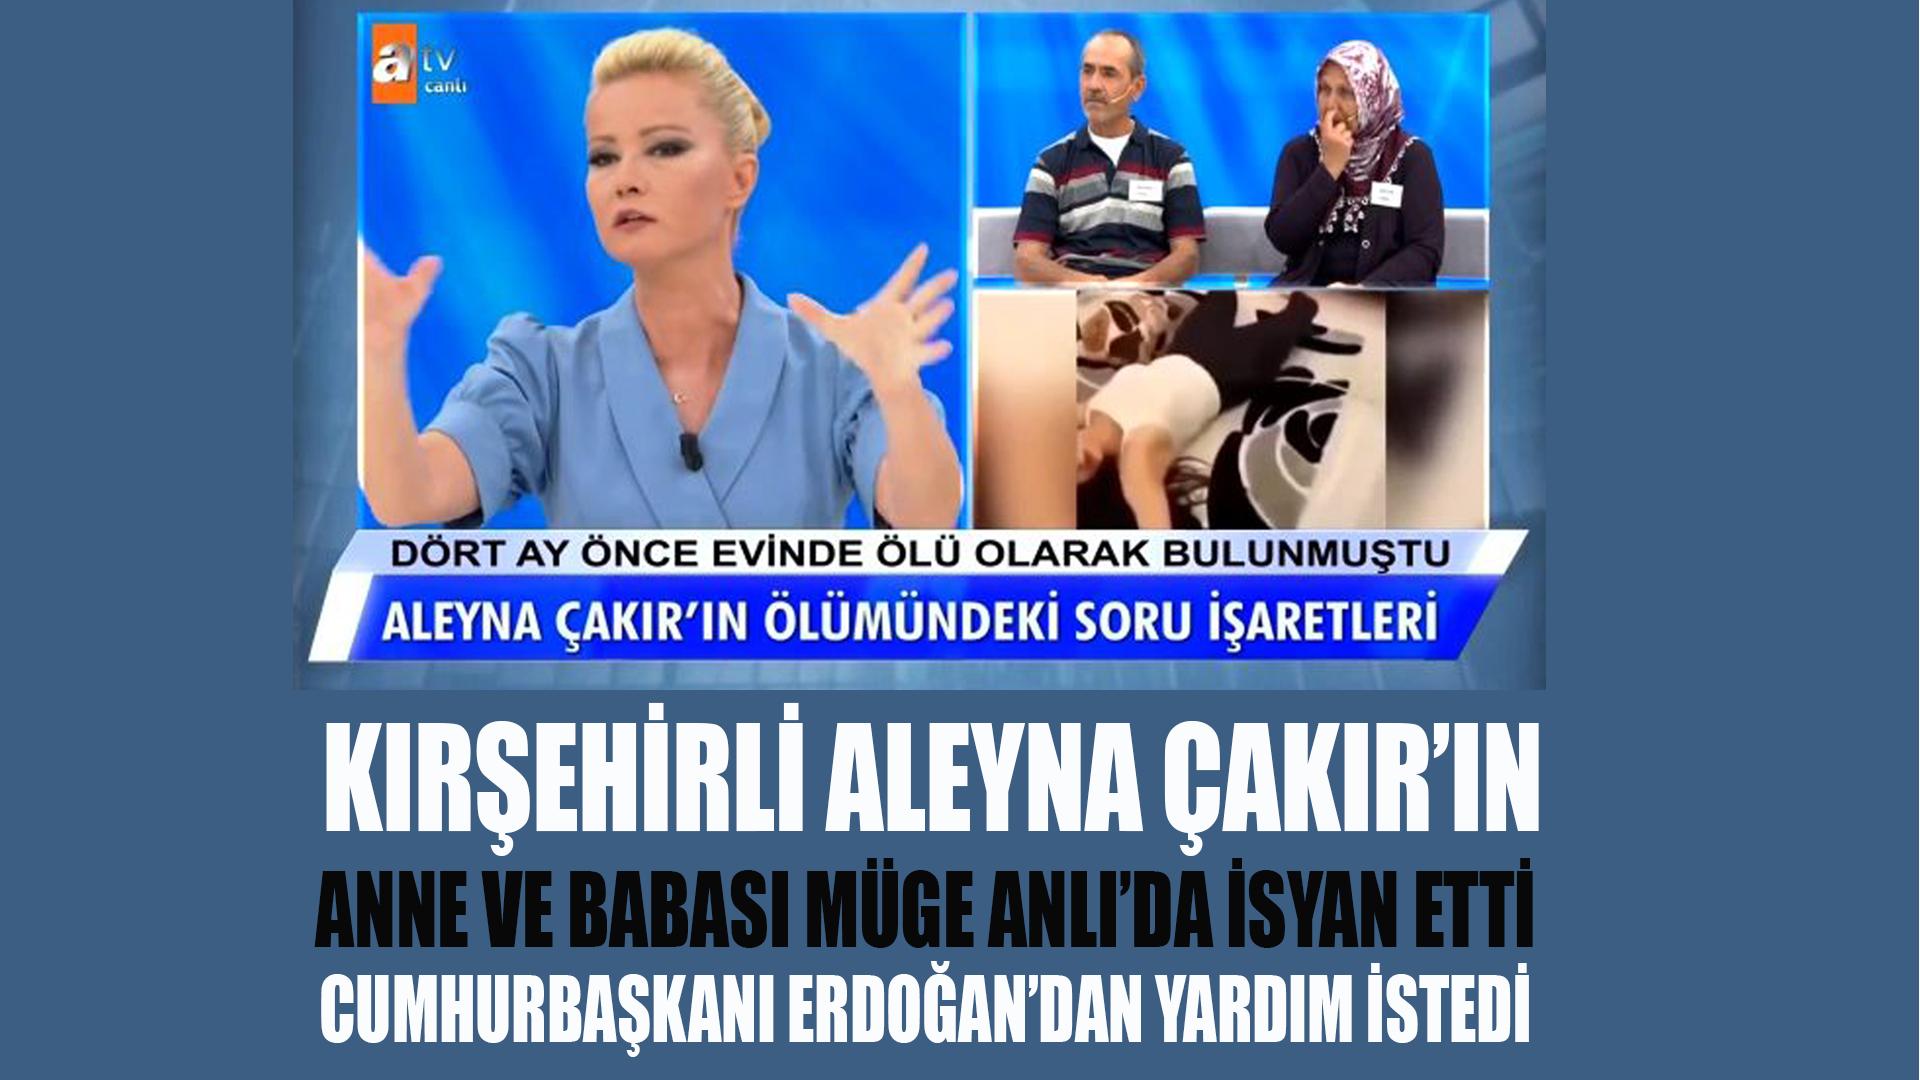 Kırşehirli Aleyna Çakır'ın annesi ve babası Erdoğan'dan yardım istedi